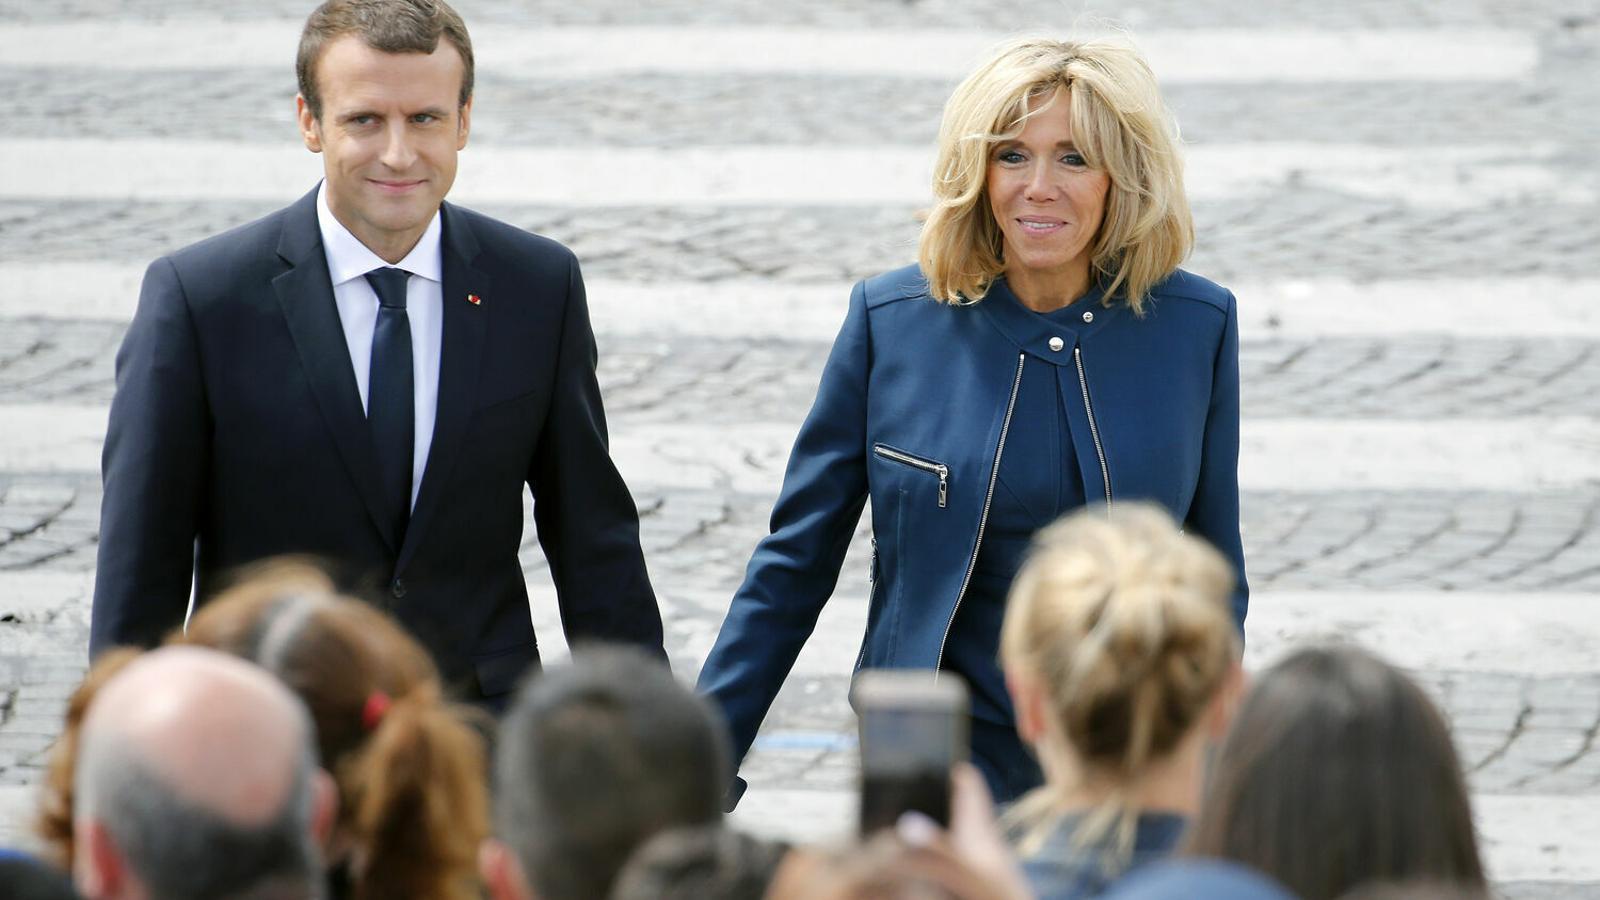 El president francès, Emmanuel Macron, amb la seva dona, Brigitte. / GETTY